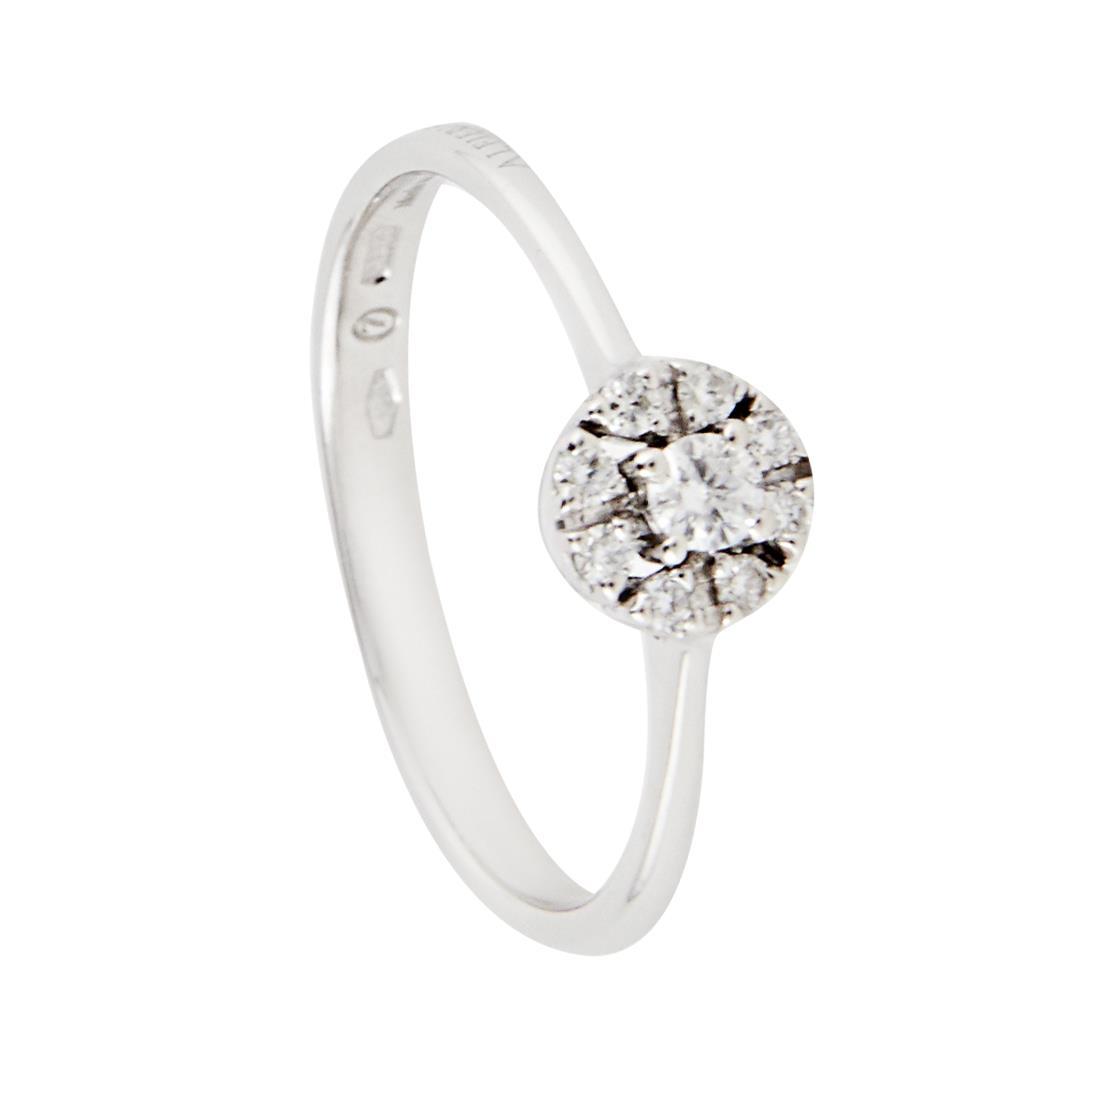 Anello in oro bianco con diamanti, misura 14 - ALFIERI ST JOHN